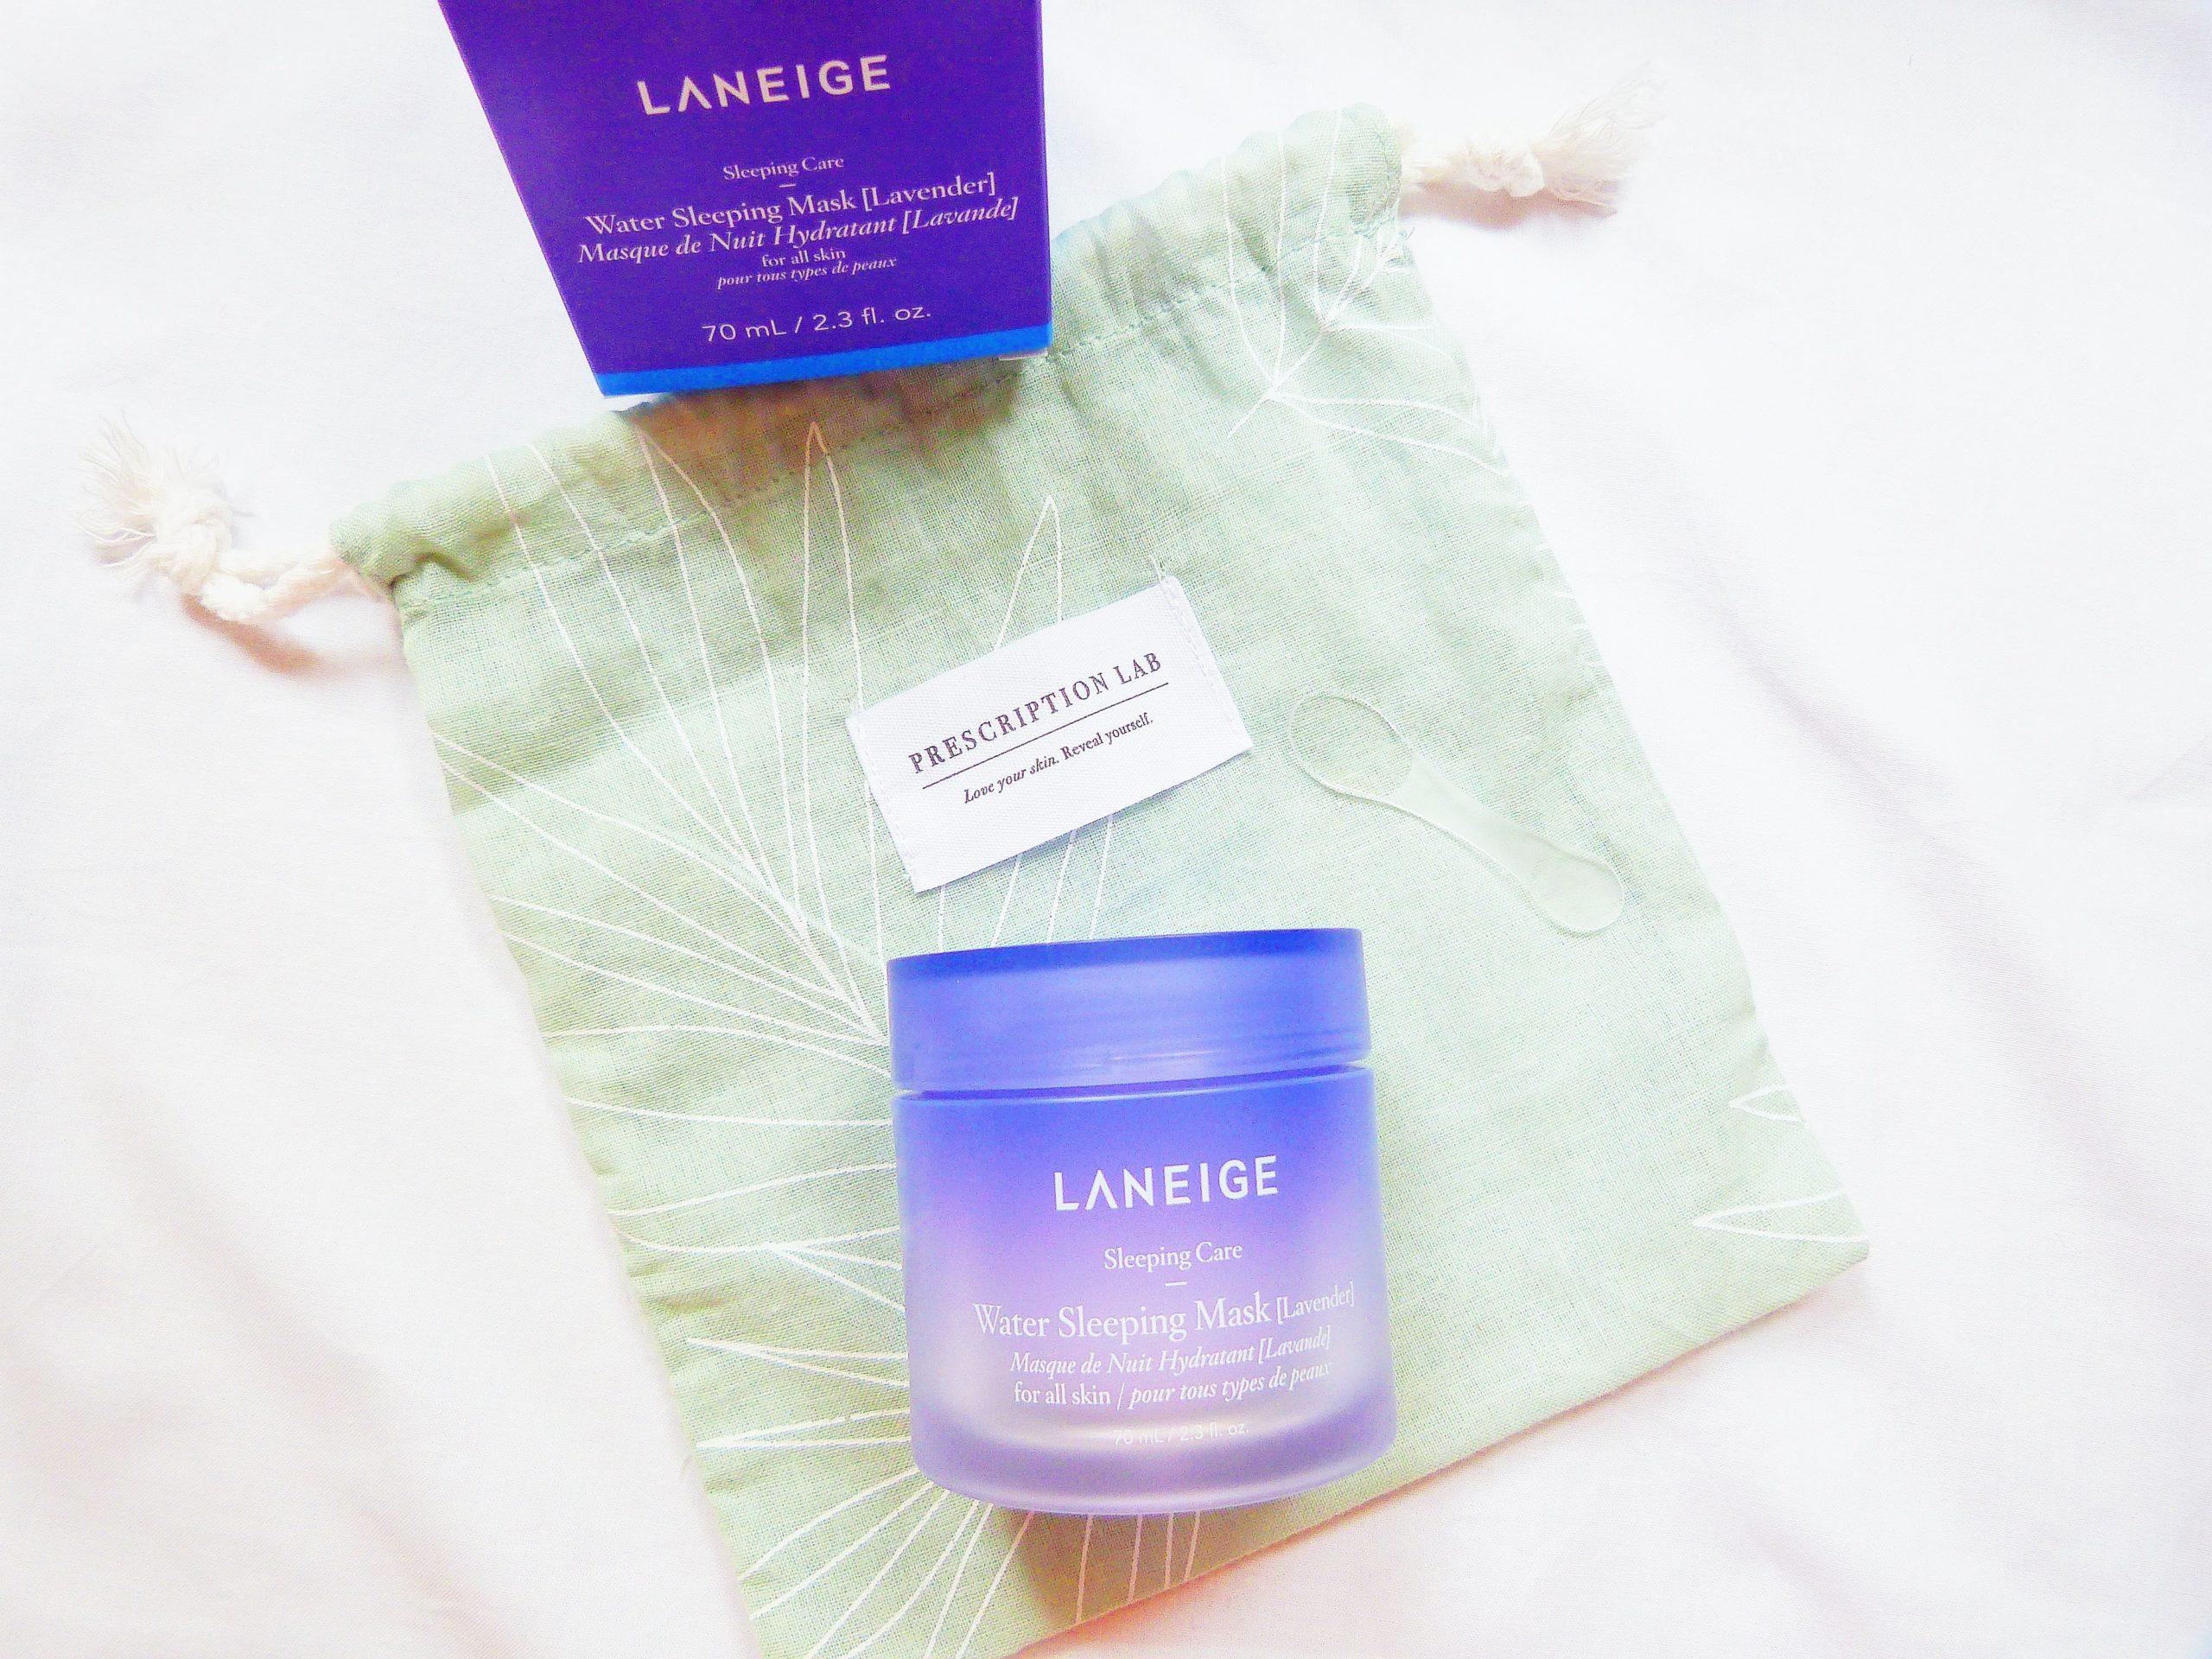 masque de nuit réparateur Laneige reçu dans la prescription cab de juillet 2020